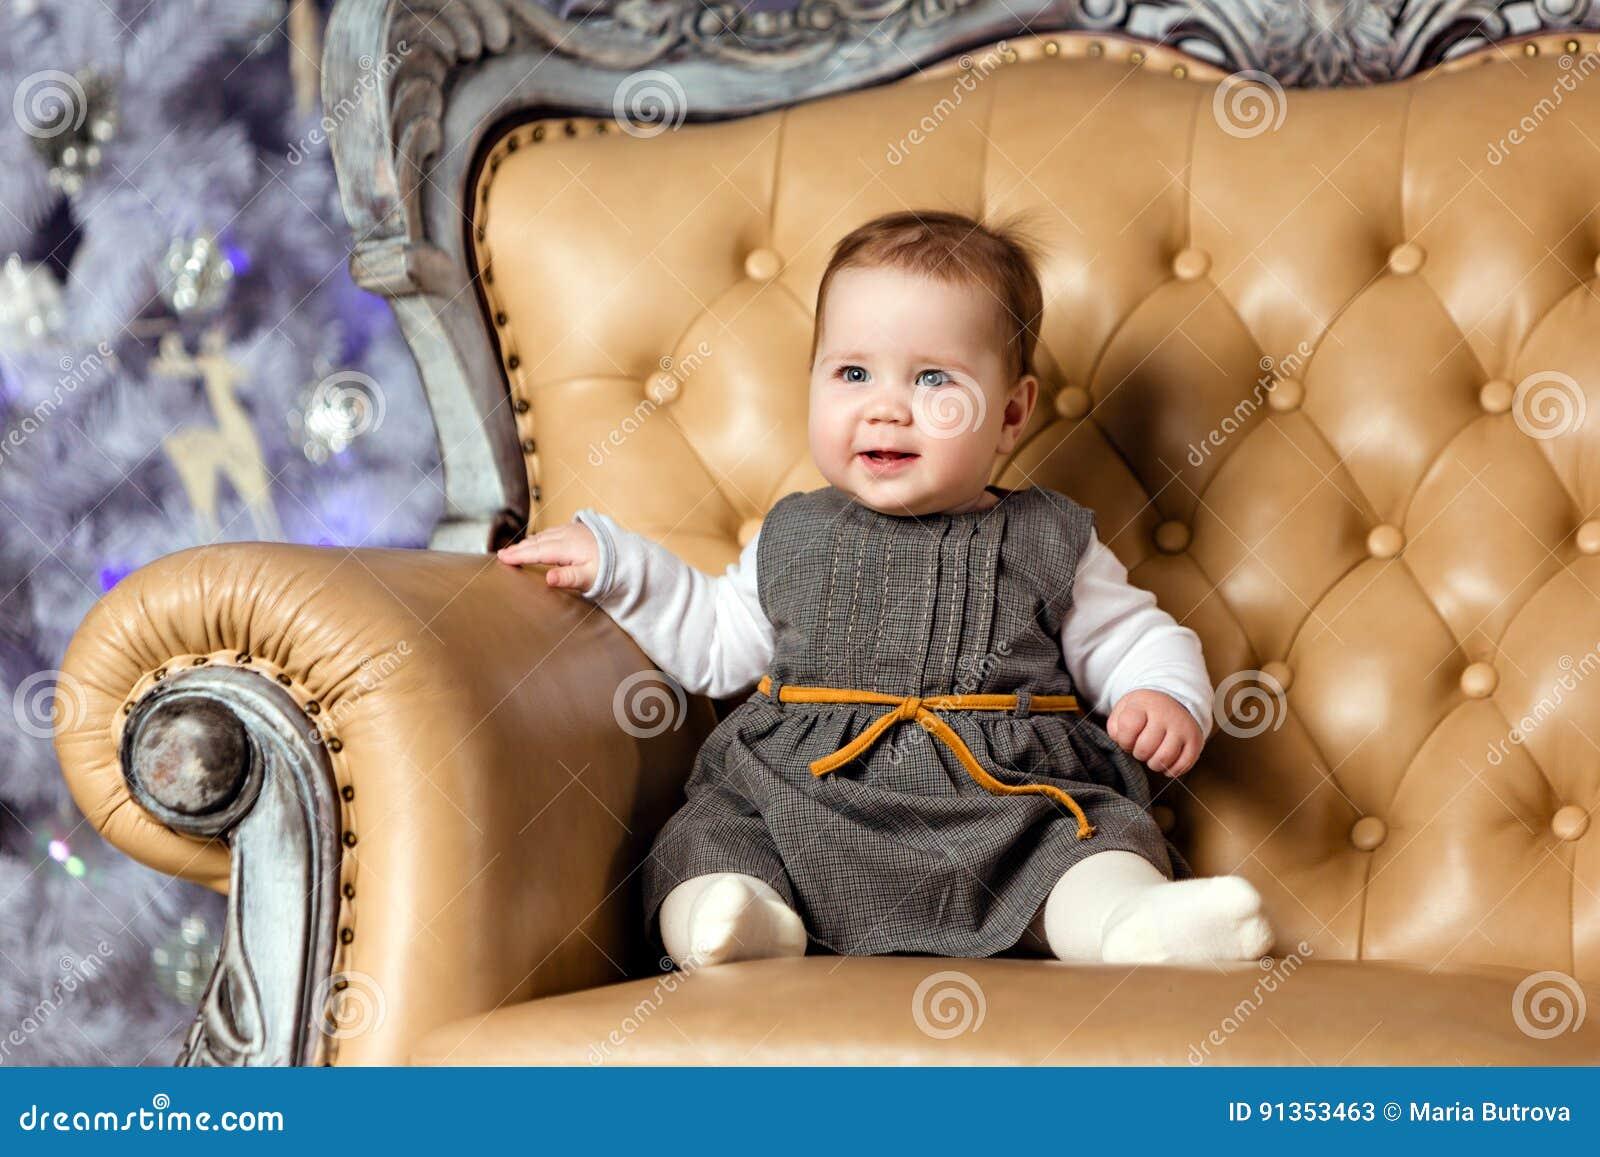 Пухлые на стуле фото фото 331-361